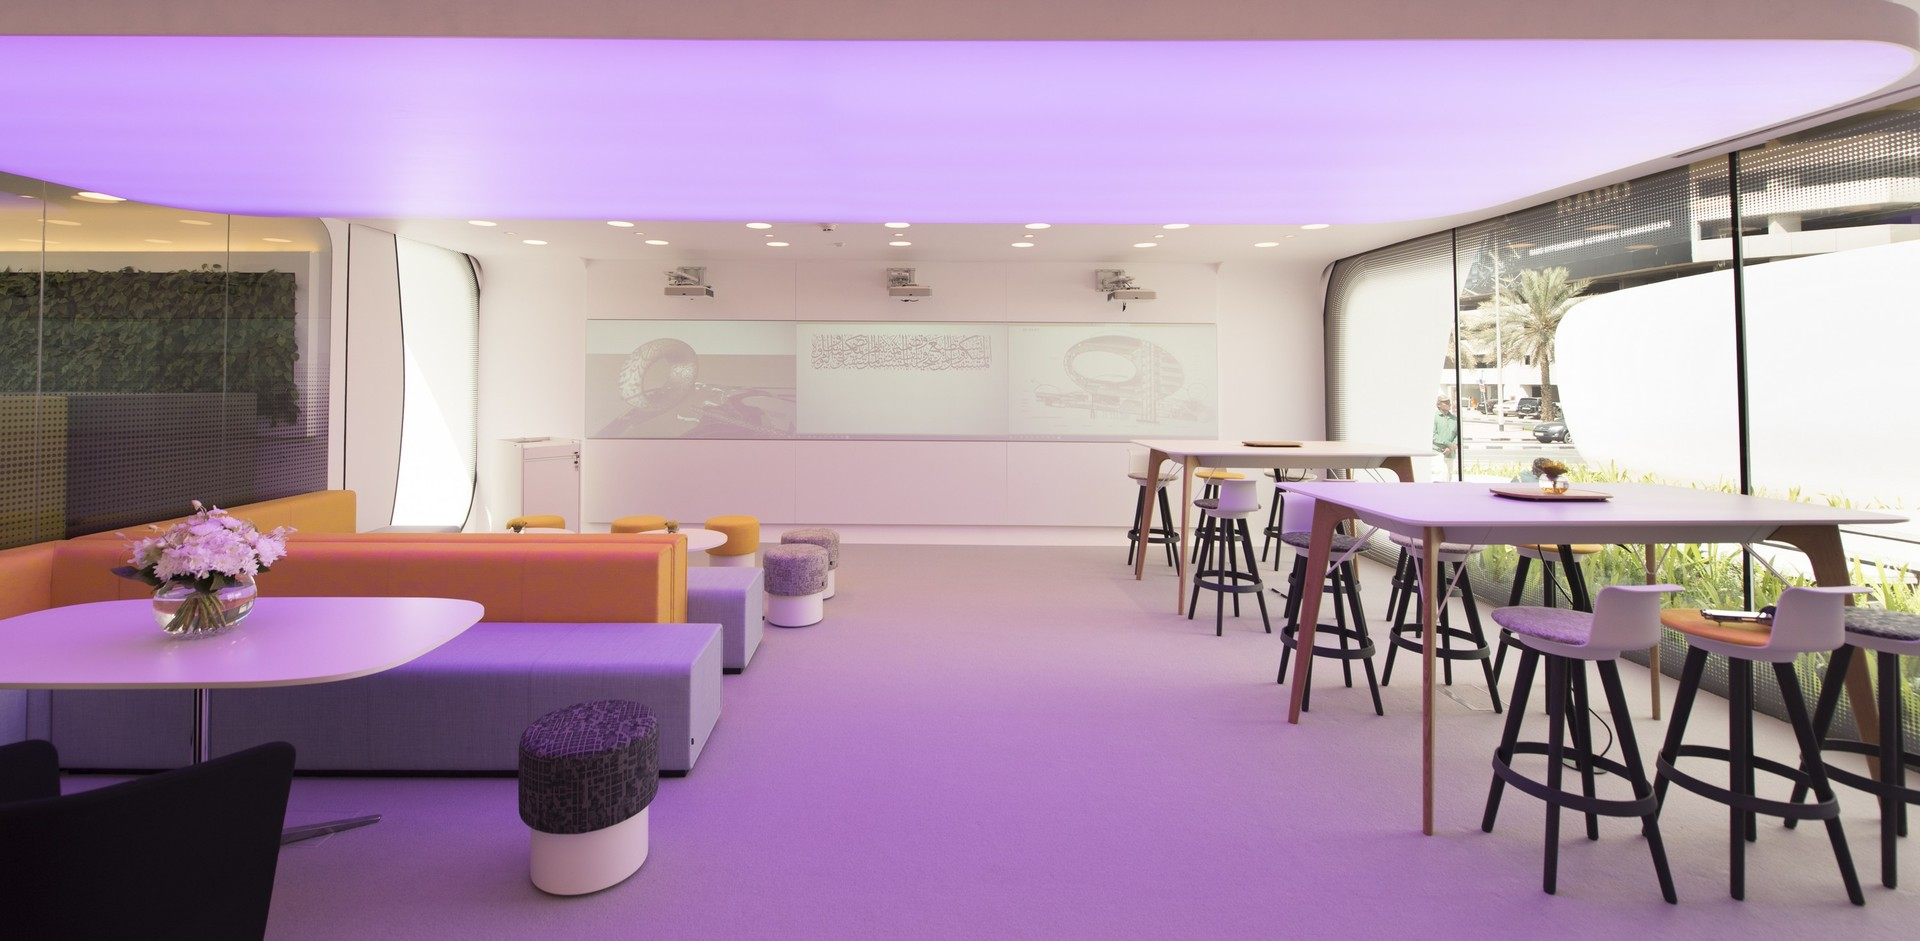 office-of-future_11killadesign